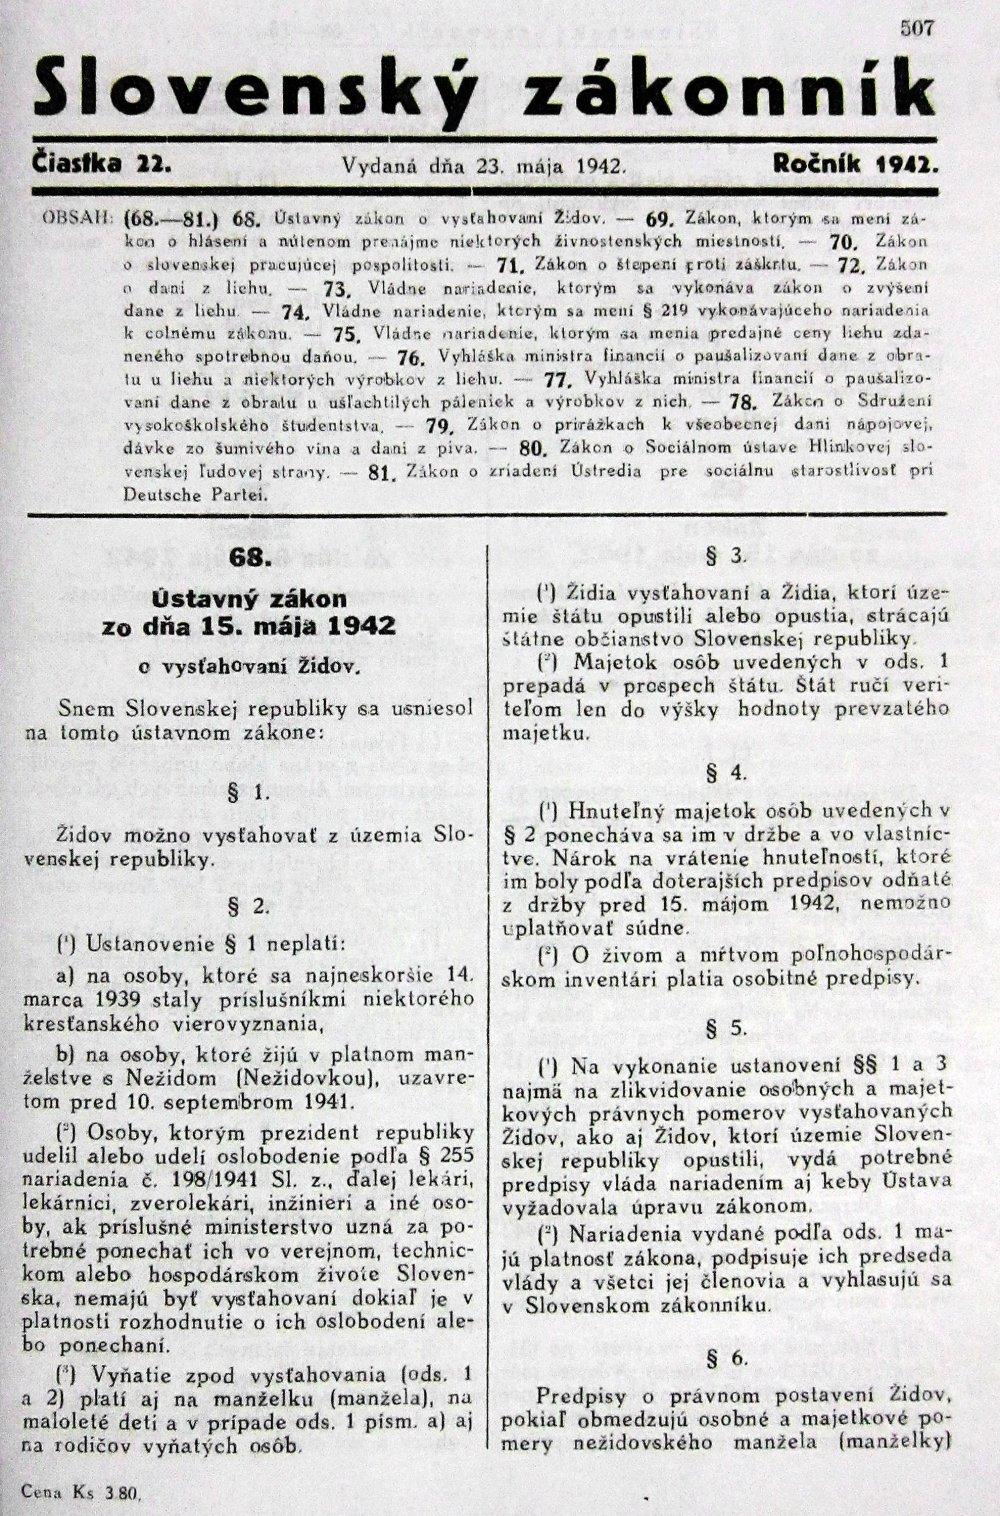 V roku 1942 ľudácky režim Slovenského štátu schválil ústavný zákon, ktorý zbavil deportovaných židov štátneho občianstva. Foto - TASR